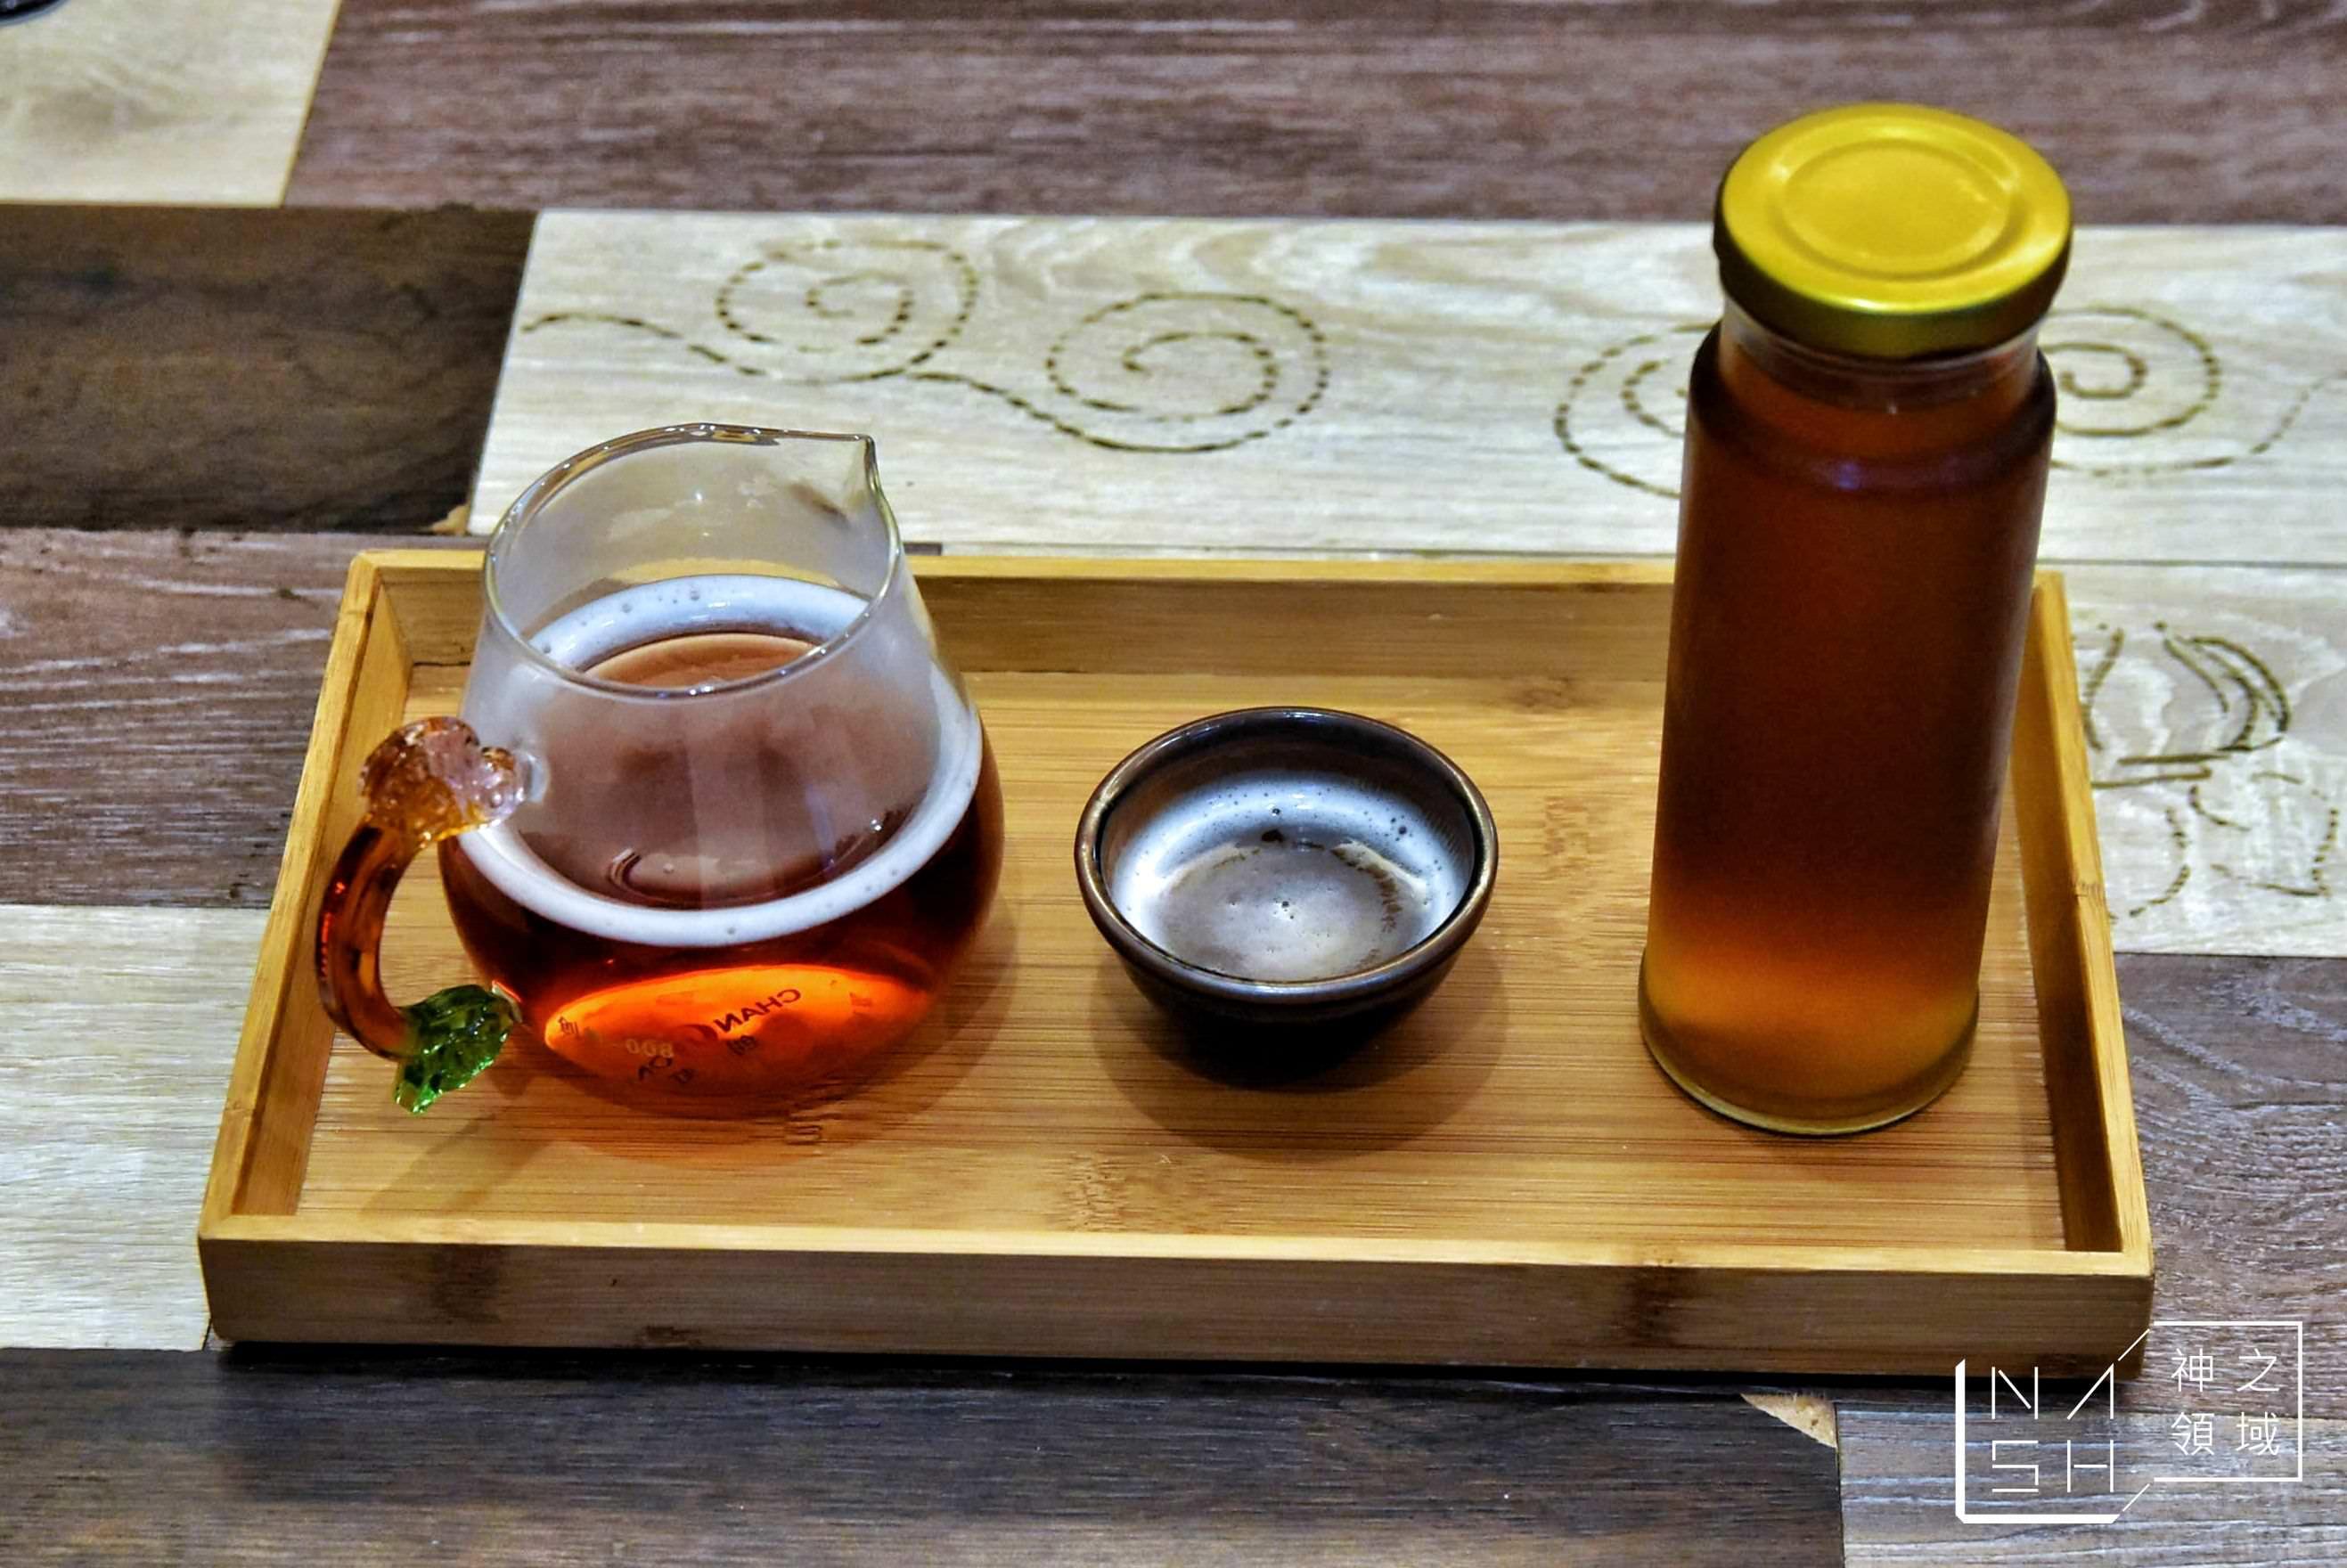 塔郭咖啡,滇藏料理